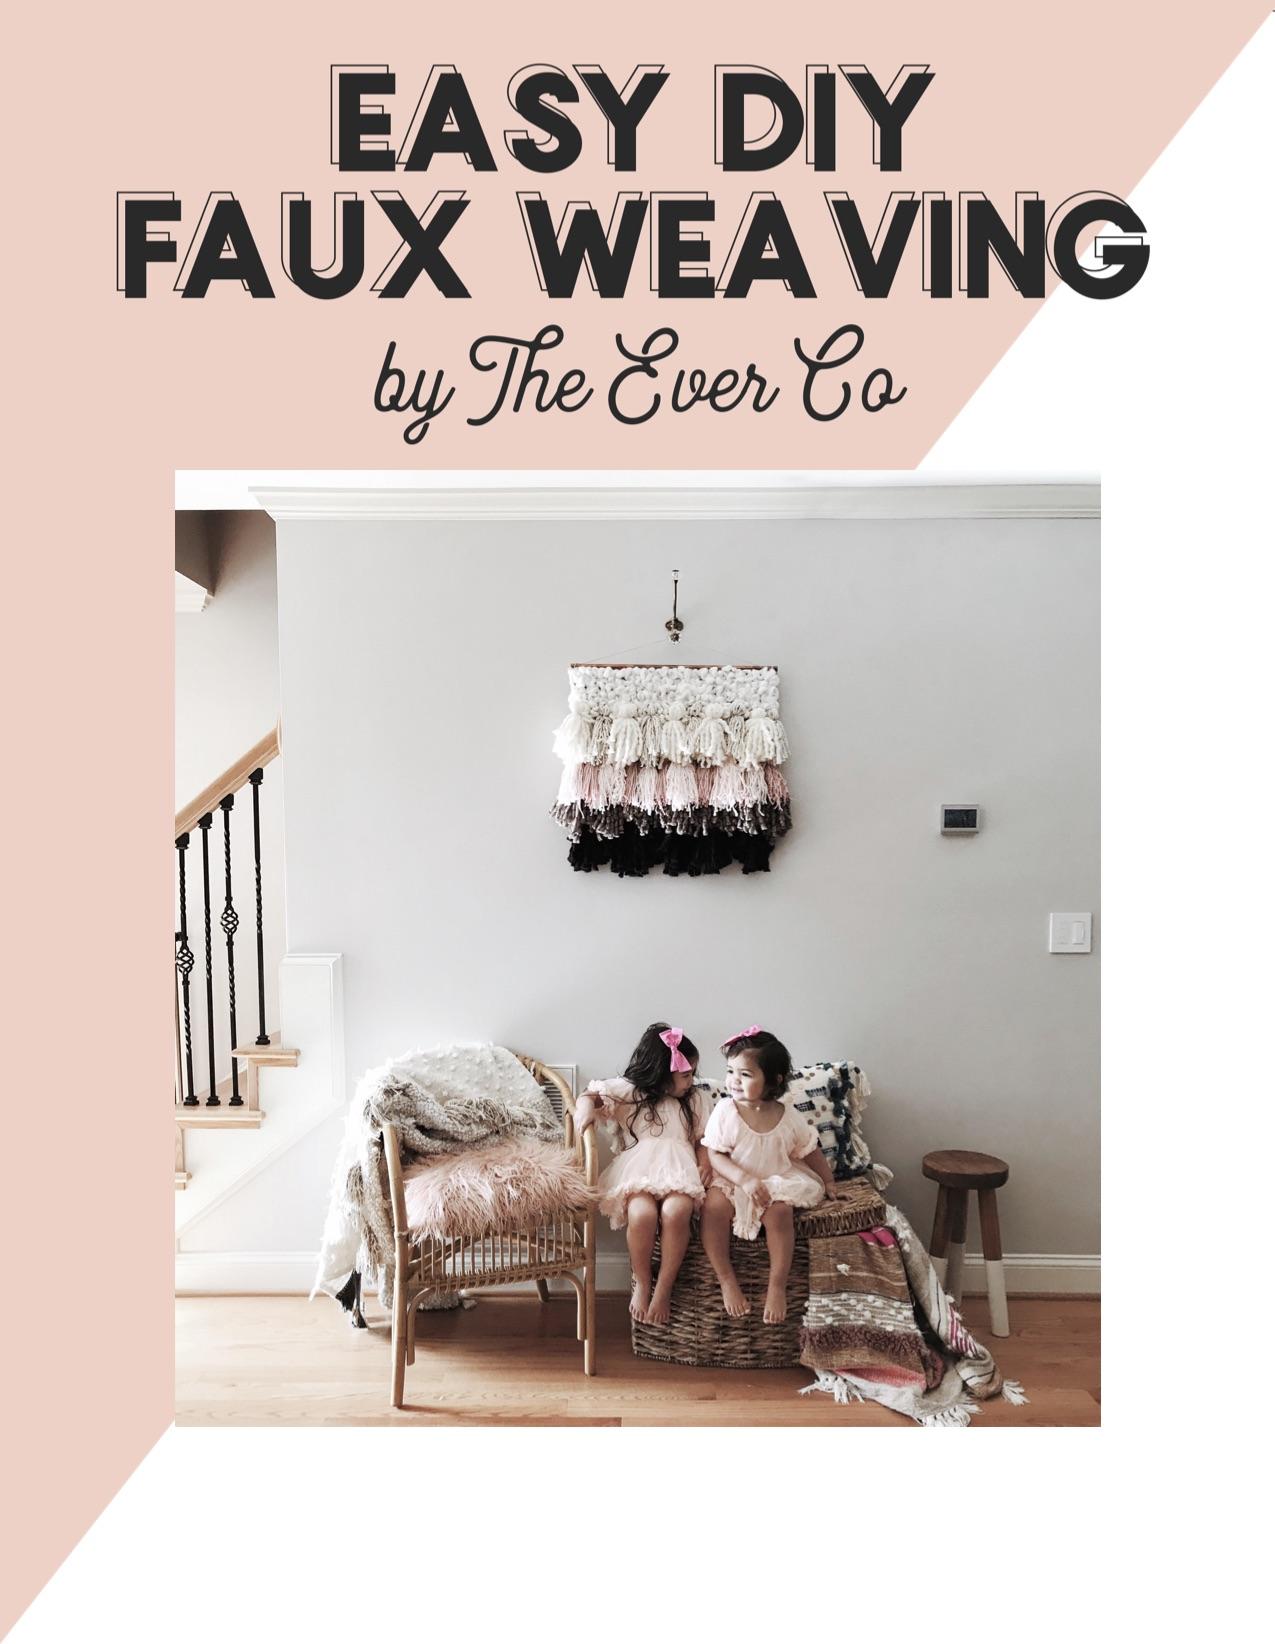 faux weaving copy.jpg